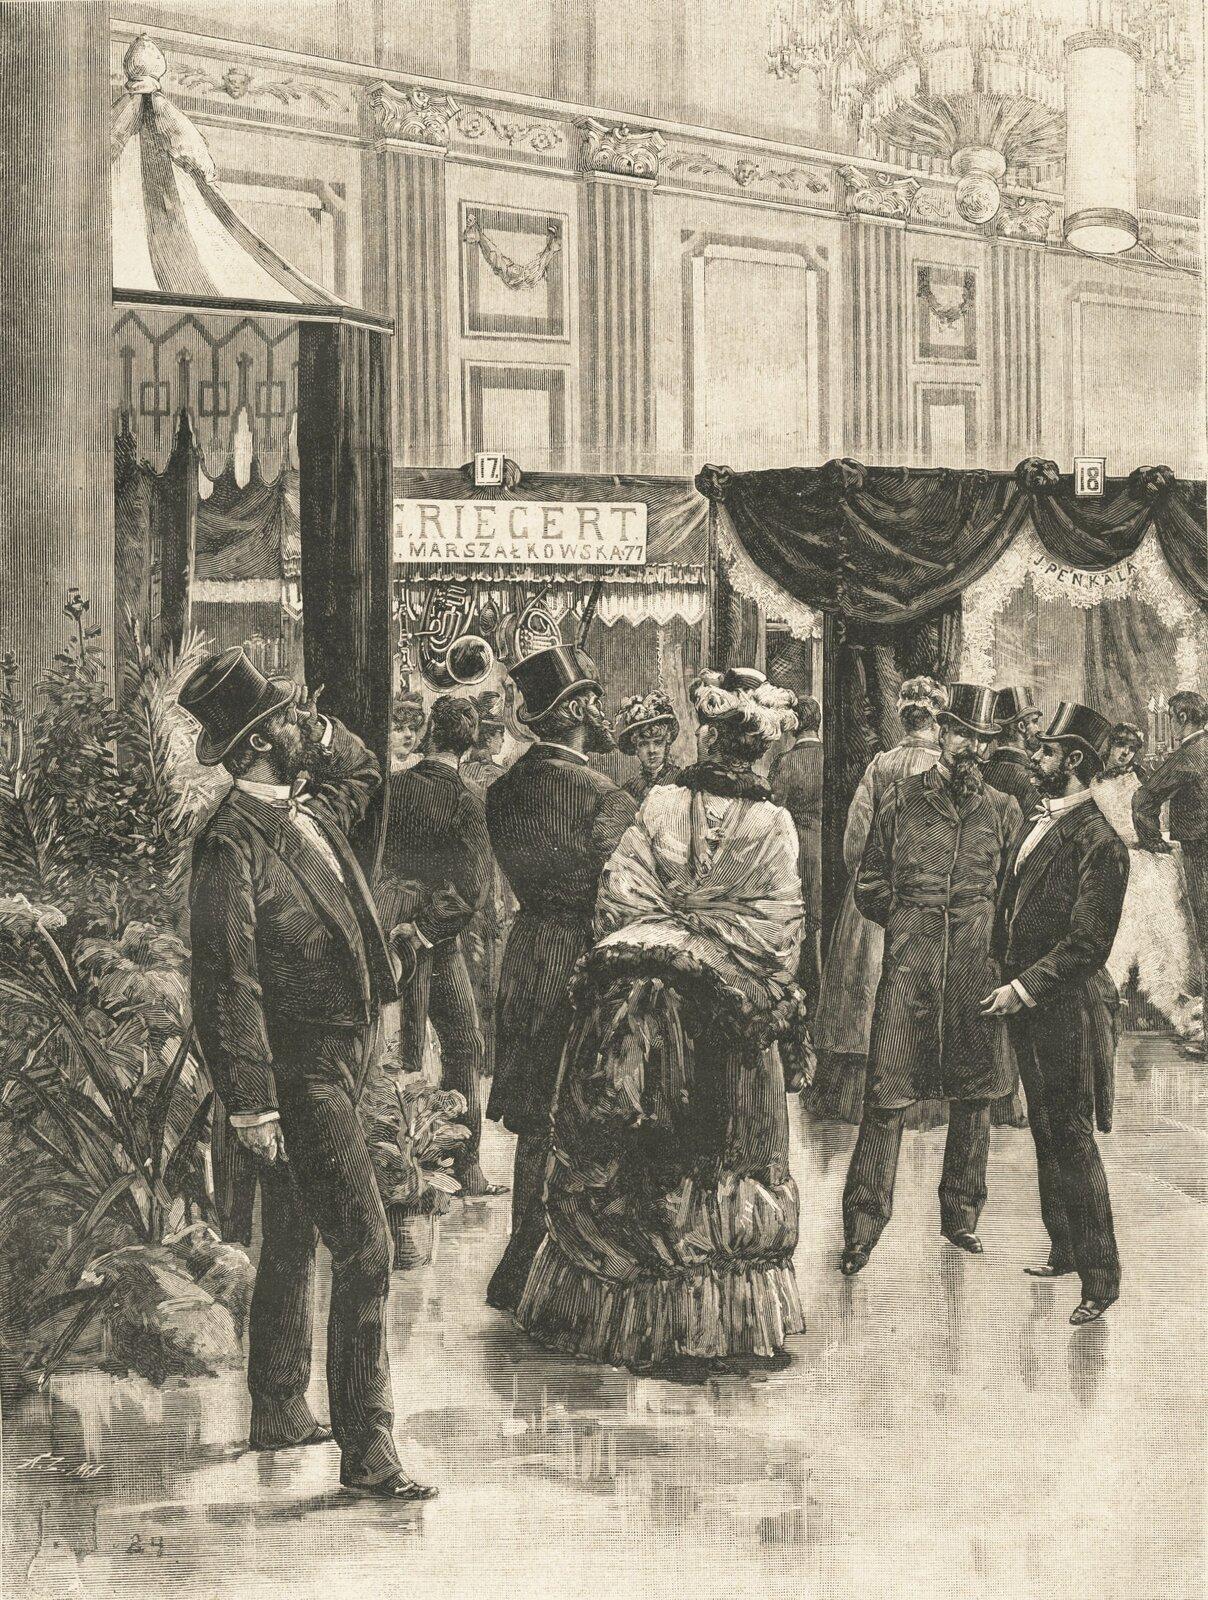 Ilustracja prezentuje elegancki salon warszawski okresu XIX wieku. Spacerują wnim elegancko ubrani ludzie, zarówno kobiety jak imężczyźni.